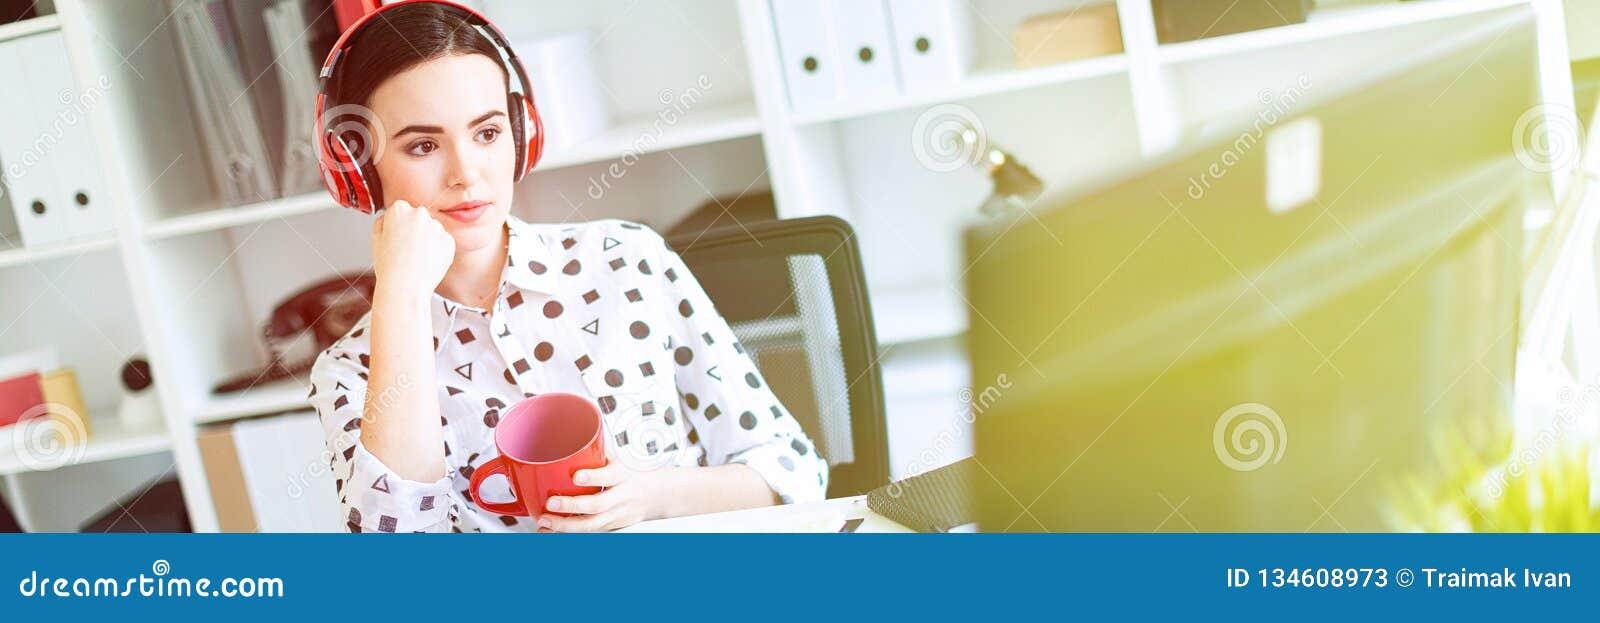 一个女孩在耳机在她的手上坐在一张桌上在办公室,拿着一个红色杯子并且看显示器